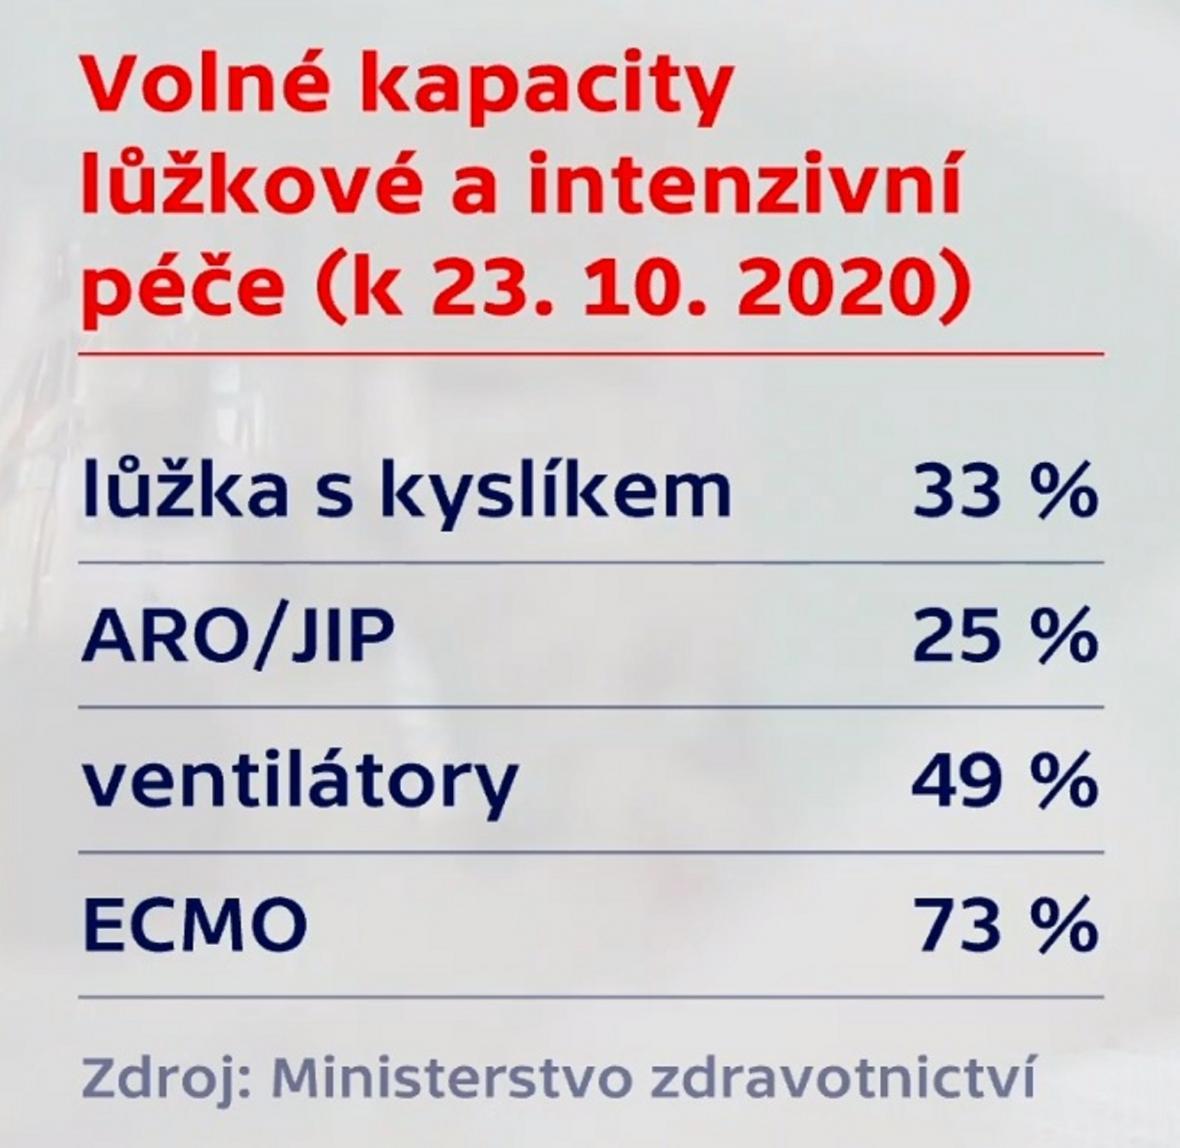 Volné kapacity v českém zdravotnictví